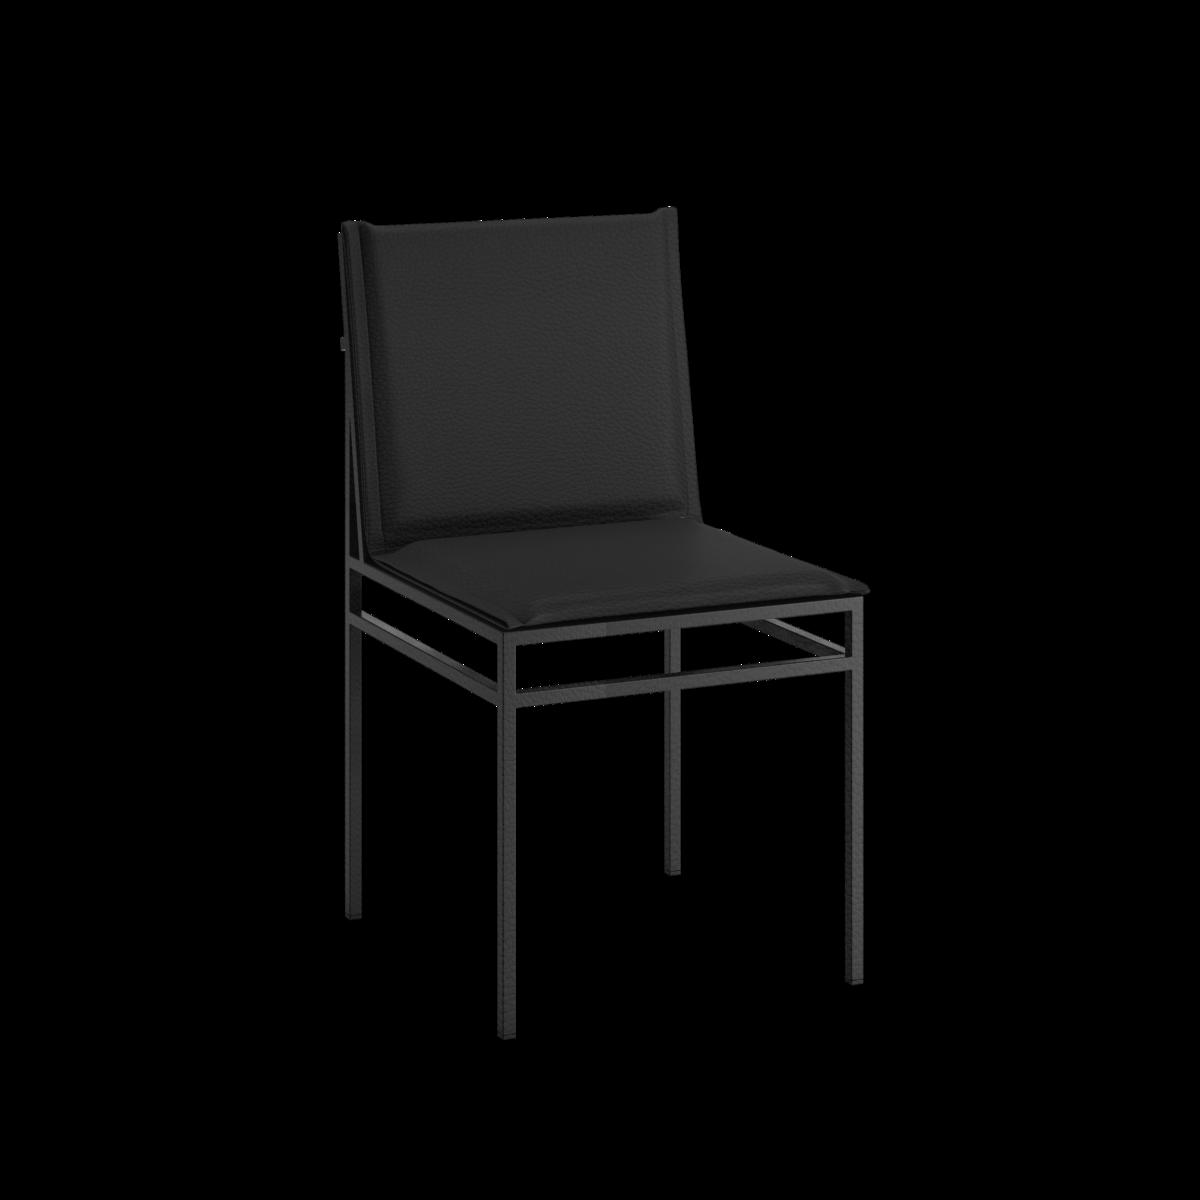 efva no H chair outdoor